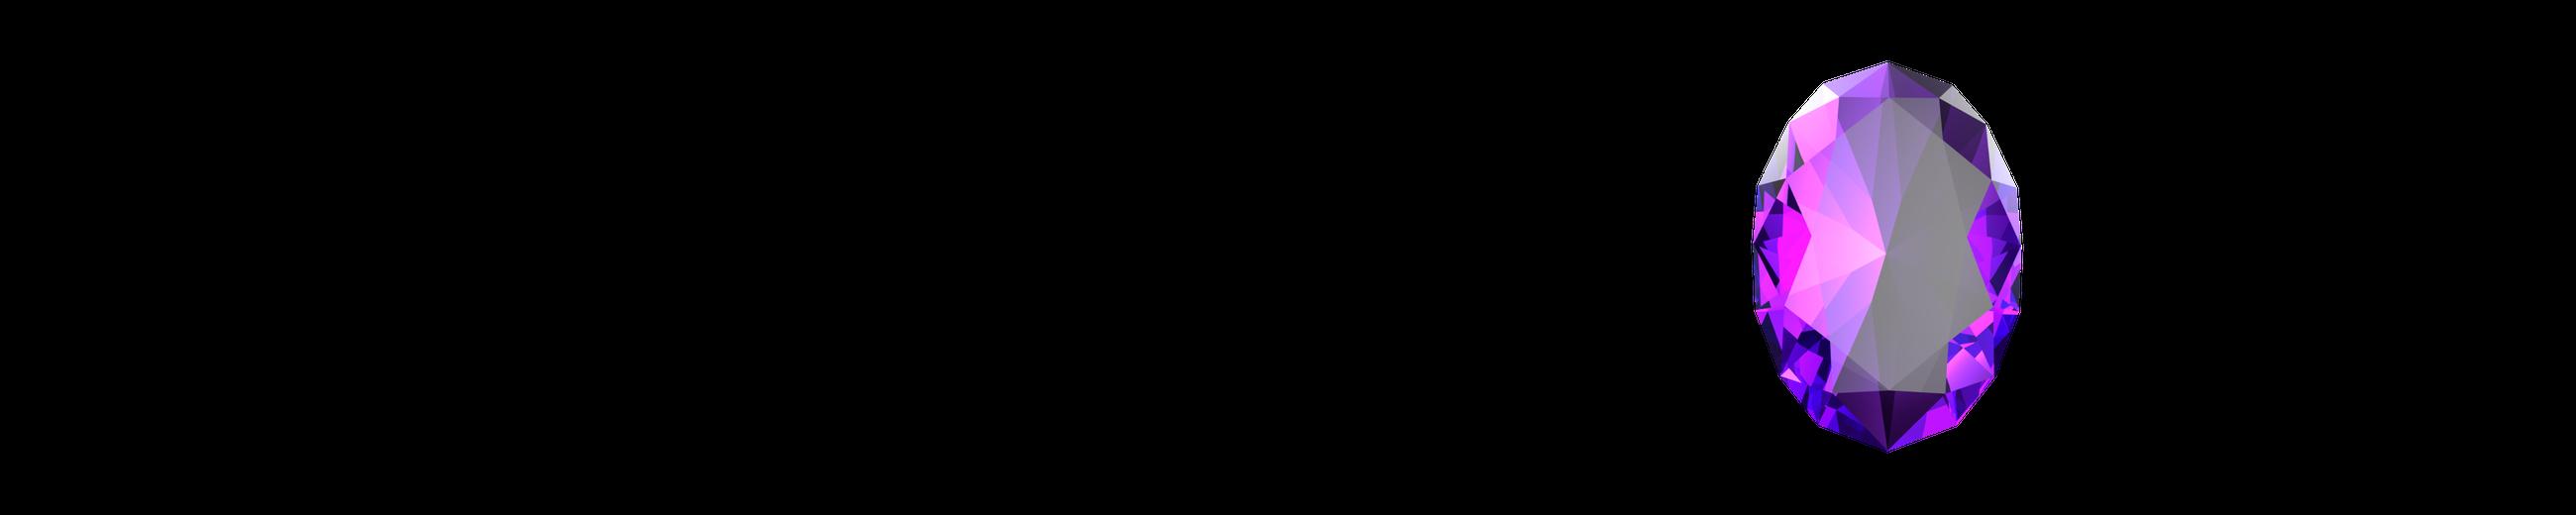 Amethyst3D